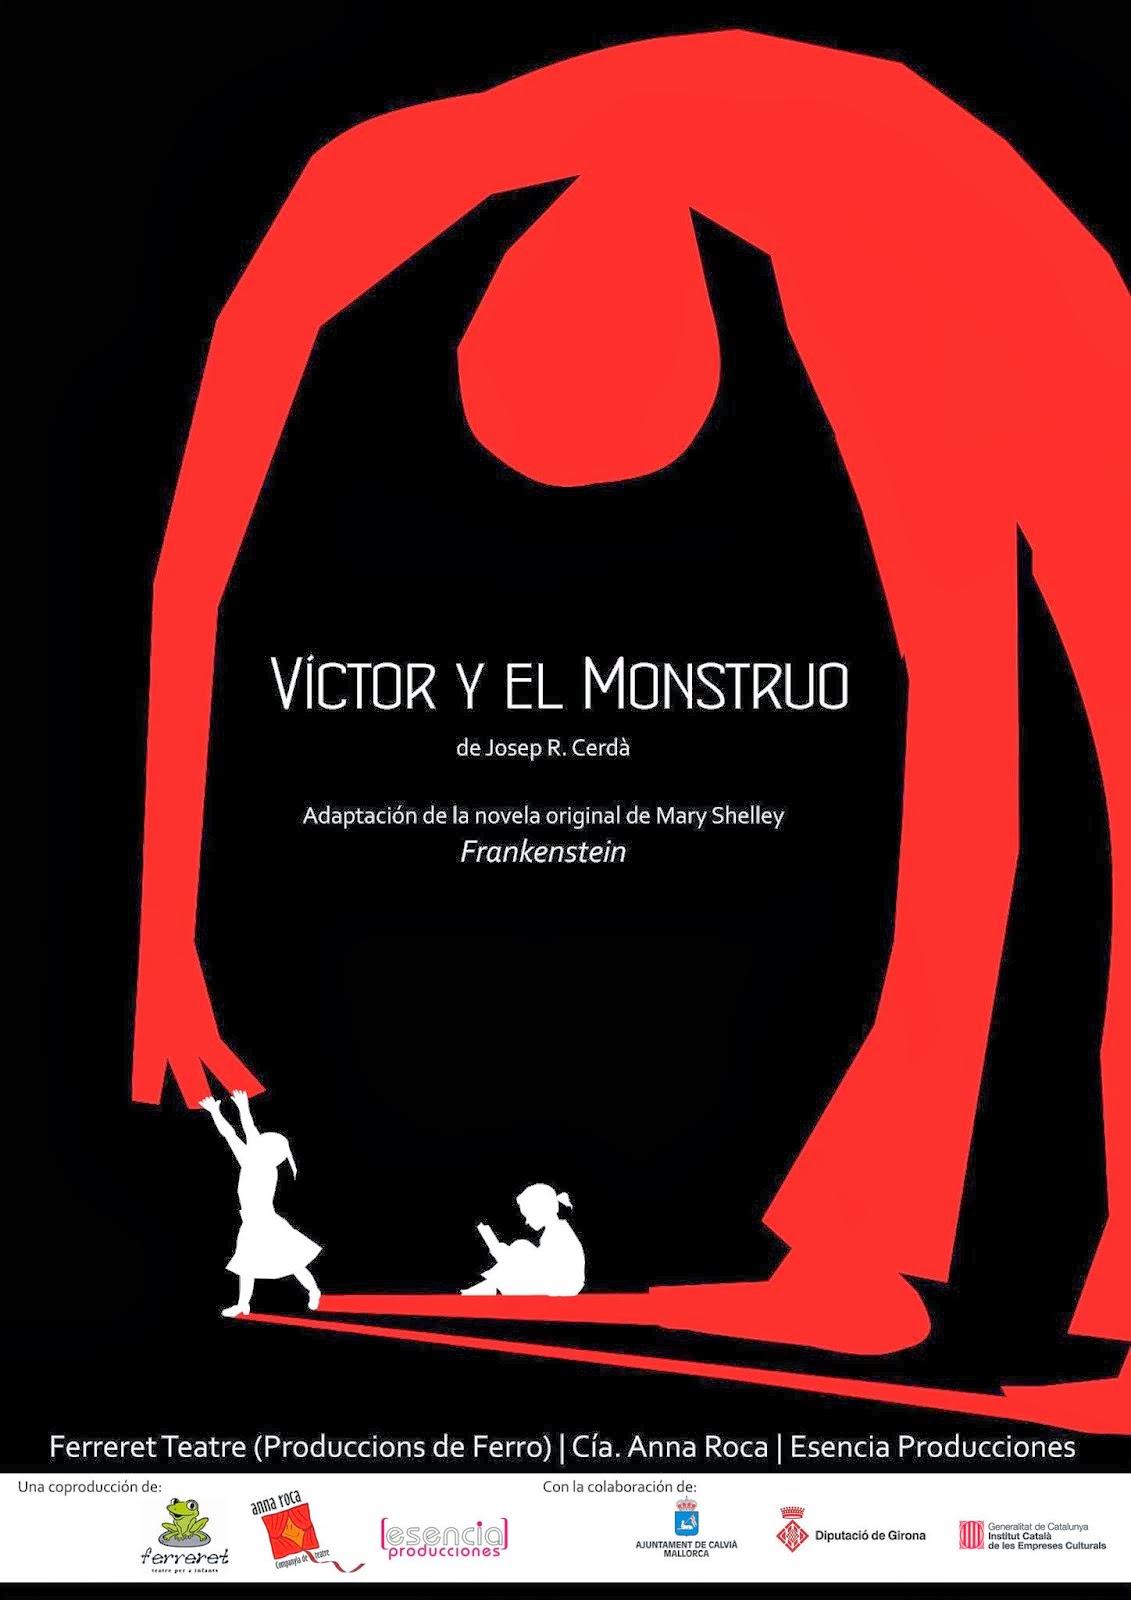 VÍCTOR I EL MONSTRE